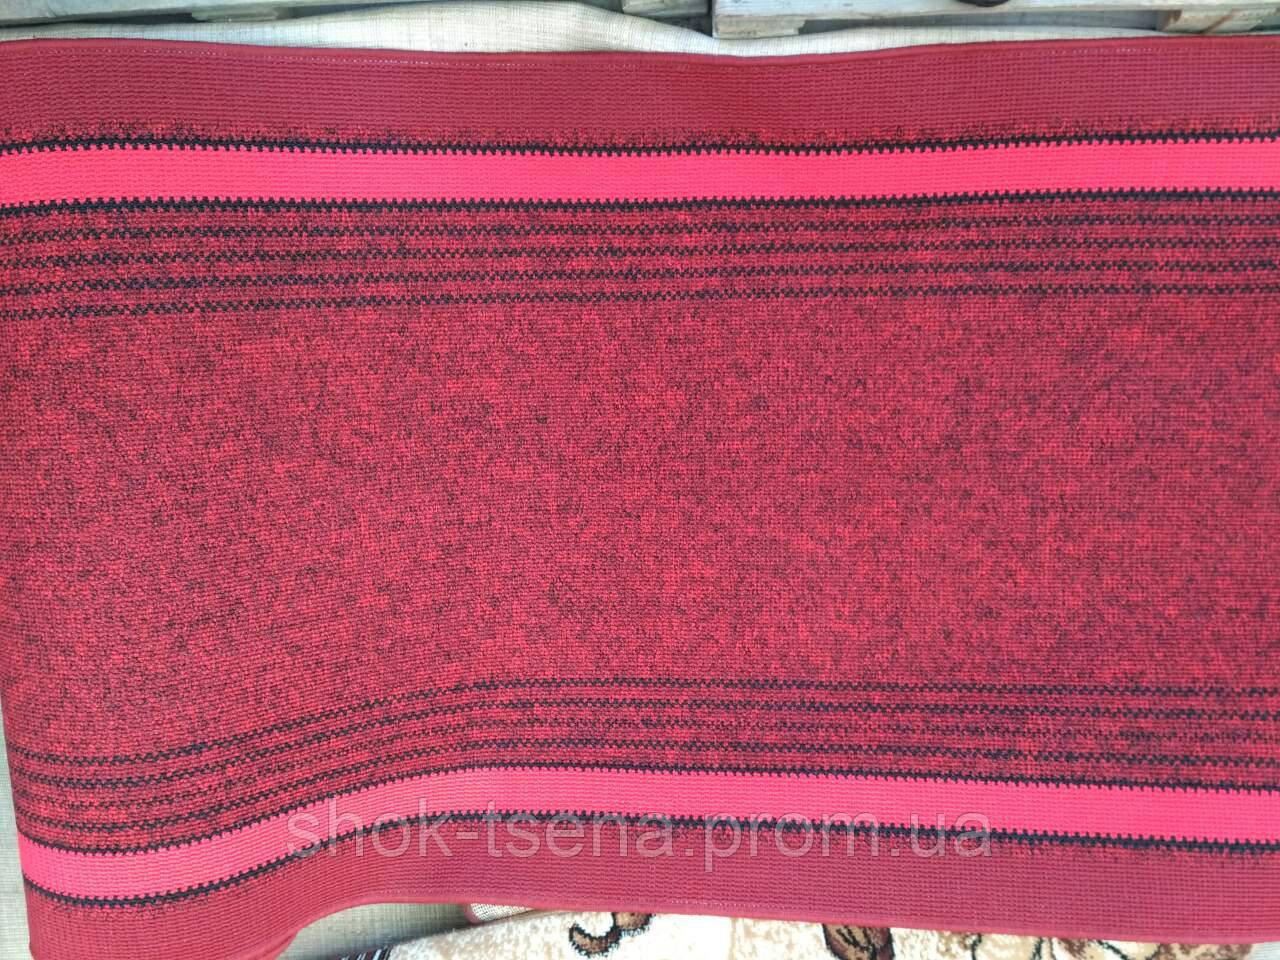 Дорожка ковровая Польша - Оптово-розничный магазин одежды и товаров для дома в Хмельницком